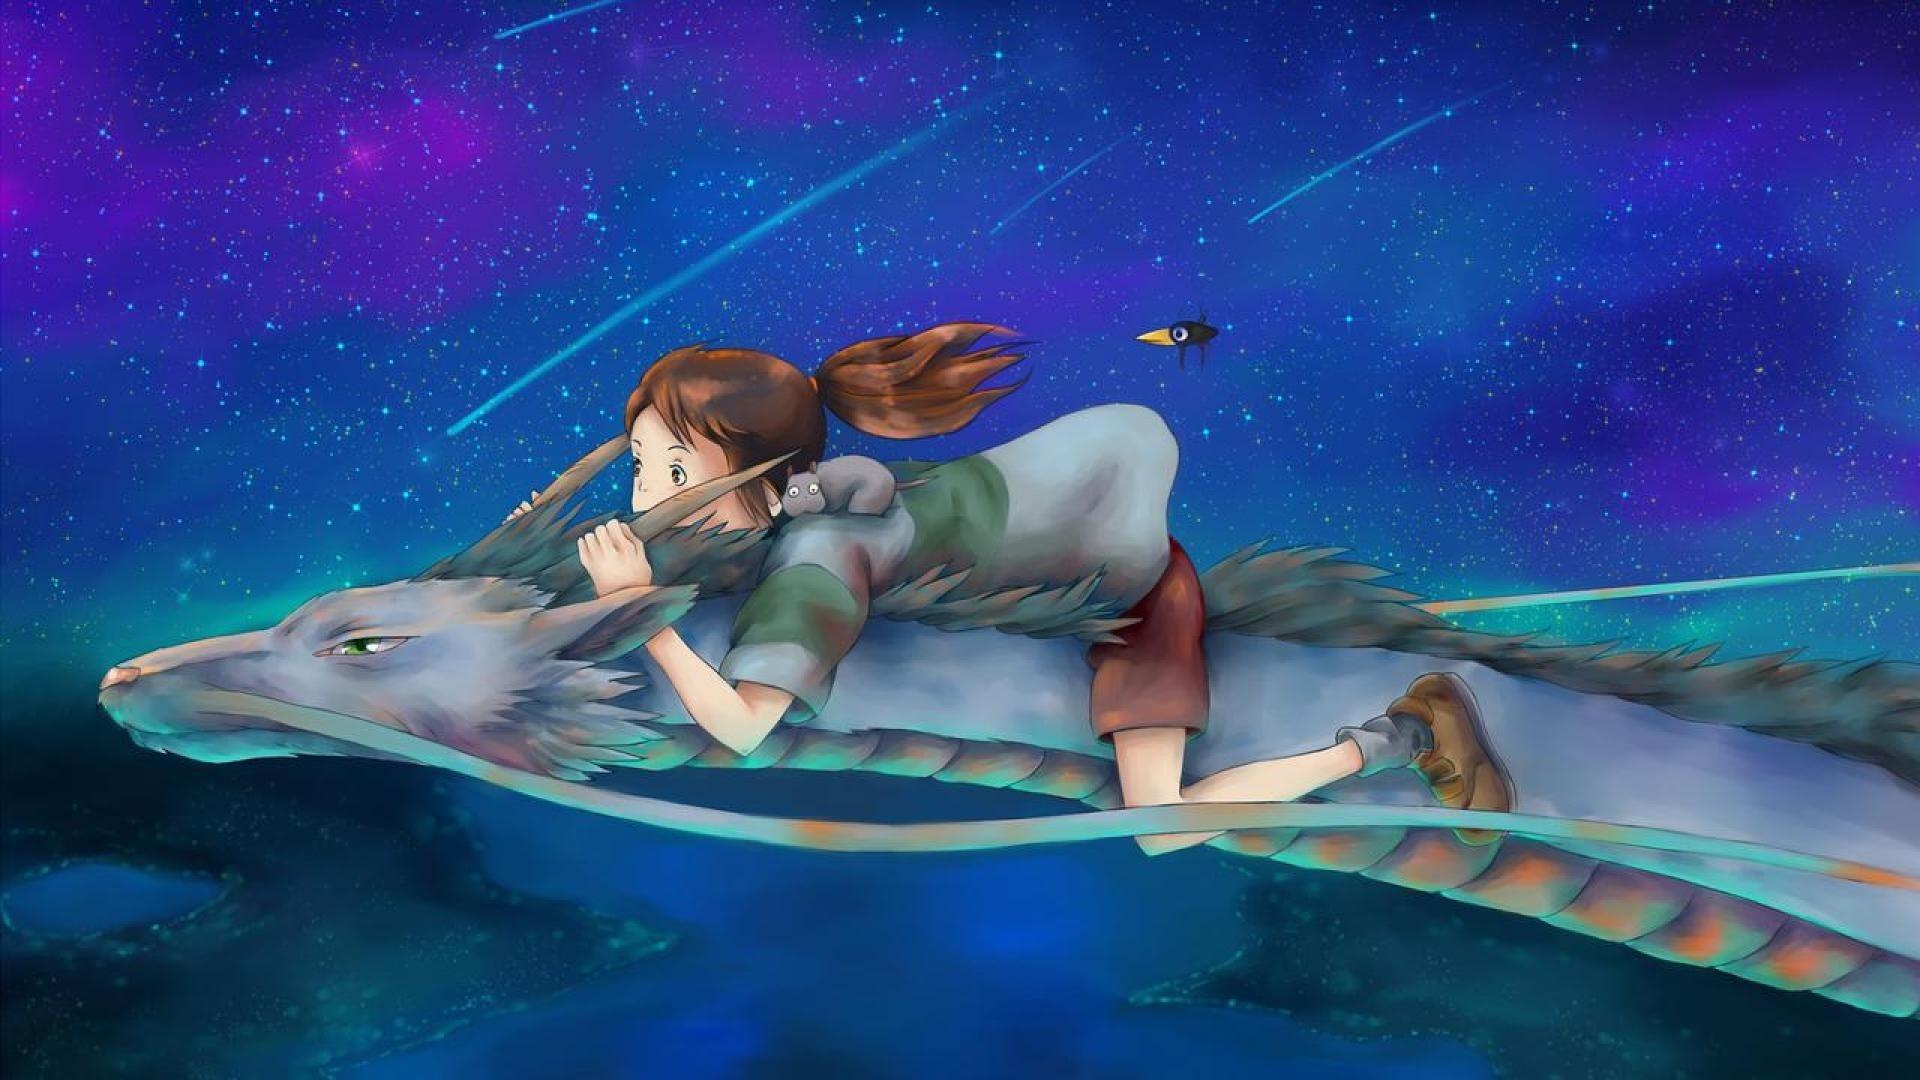 Anime Girls Flying Wallpaper theme